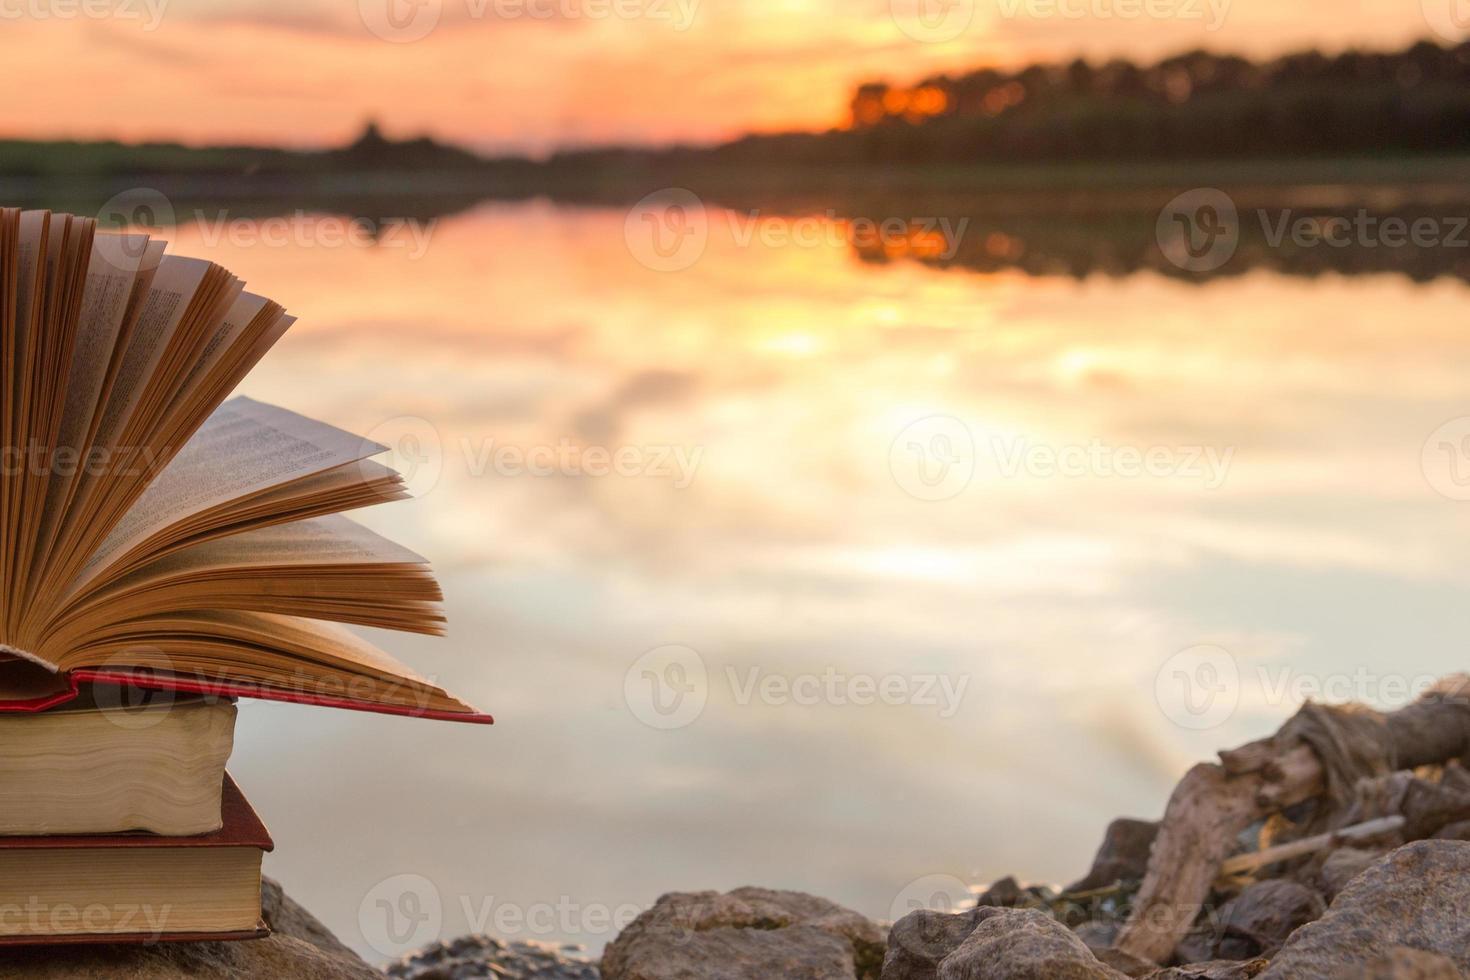 Pile de livre relié, livre ouvert sur paysage nature floue photo